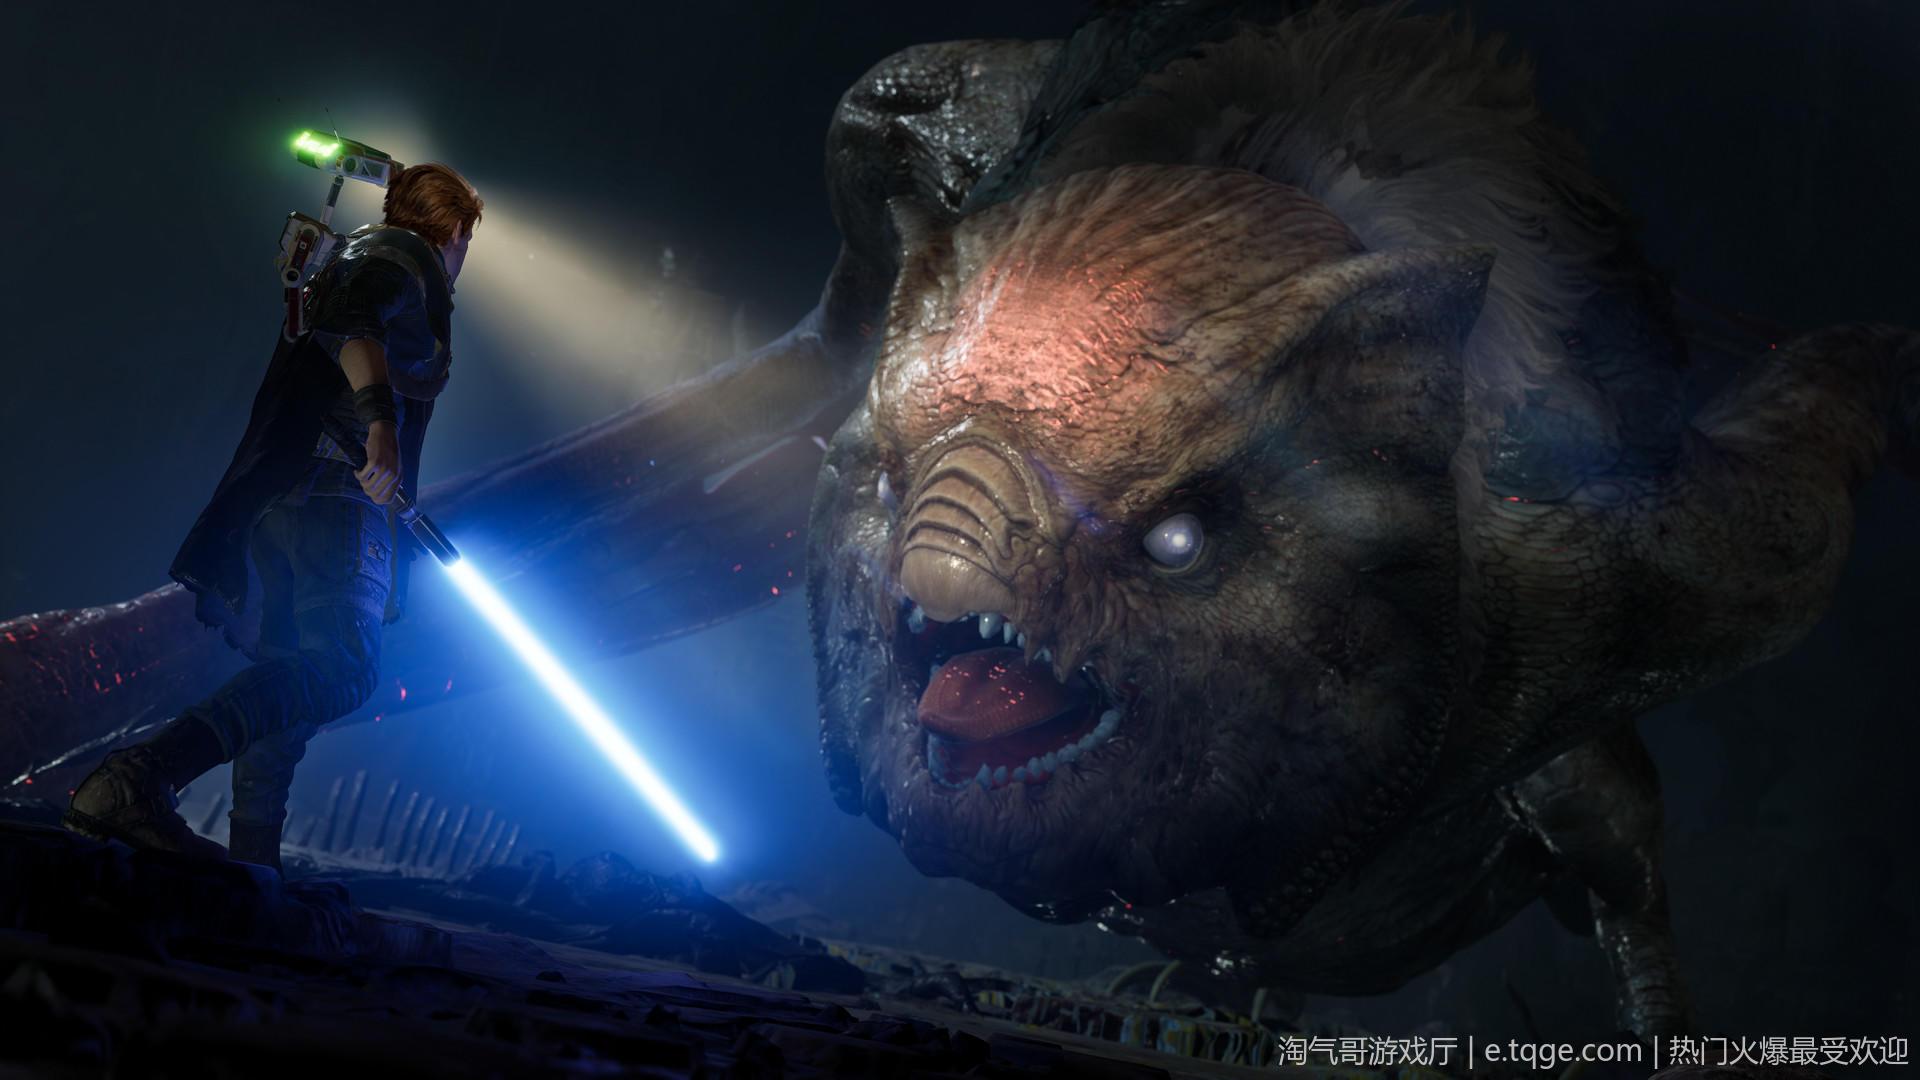 星球大战绝地:陨落的武士团 动作冒险 第8张